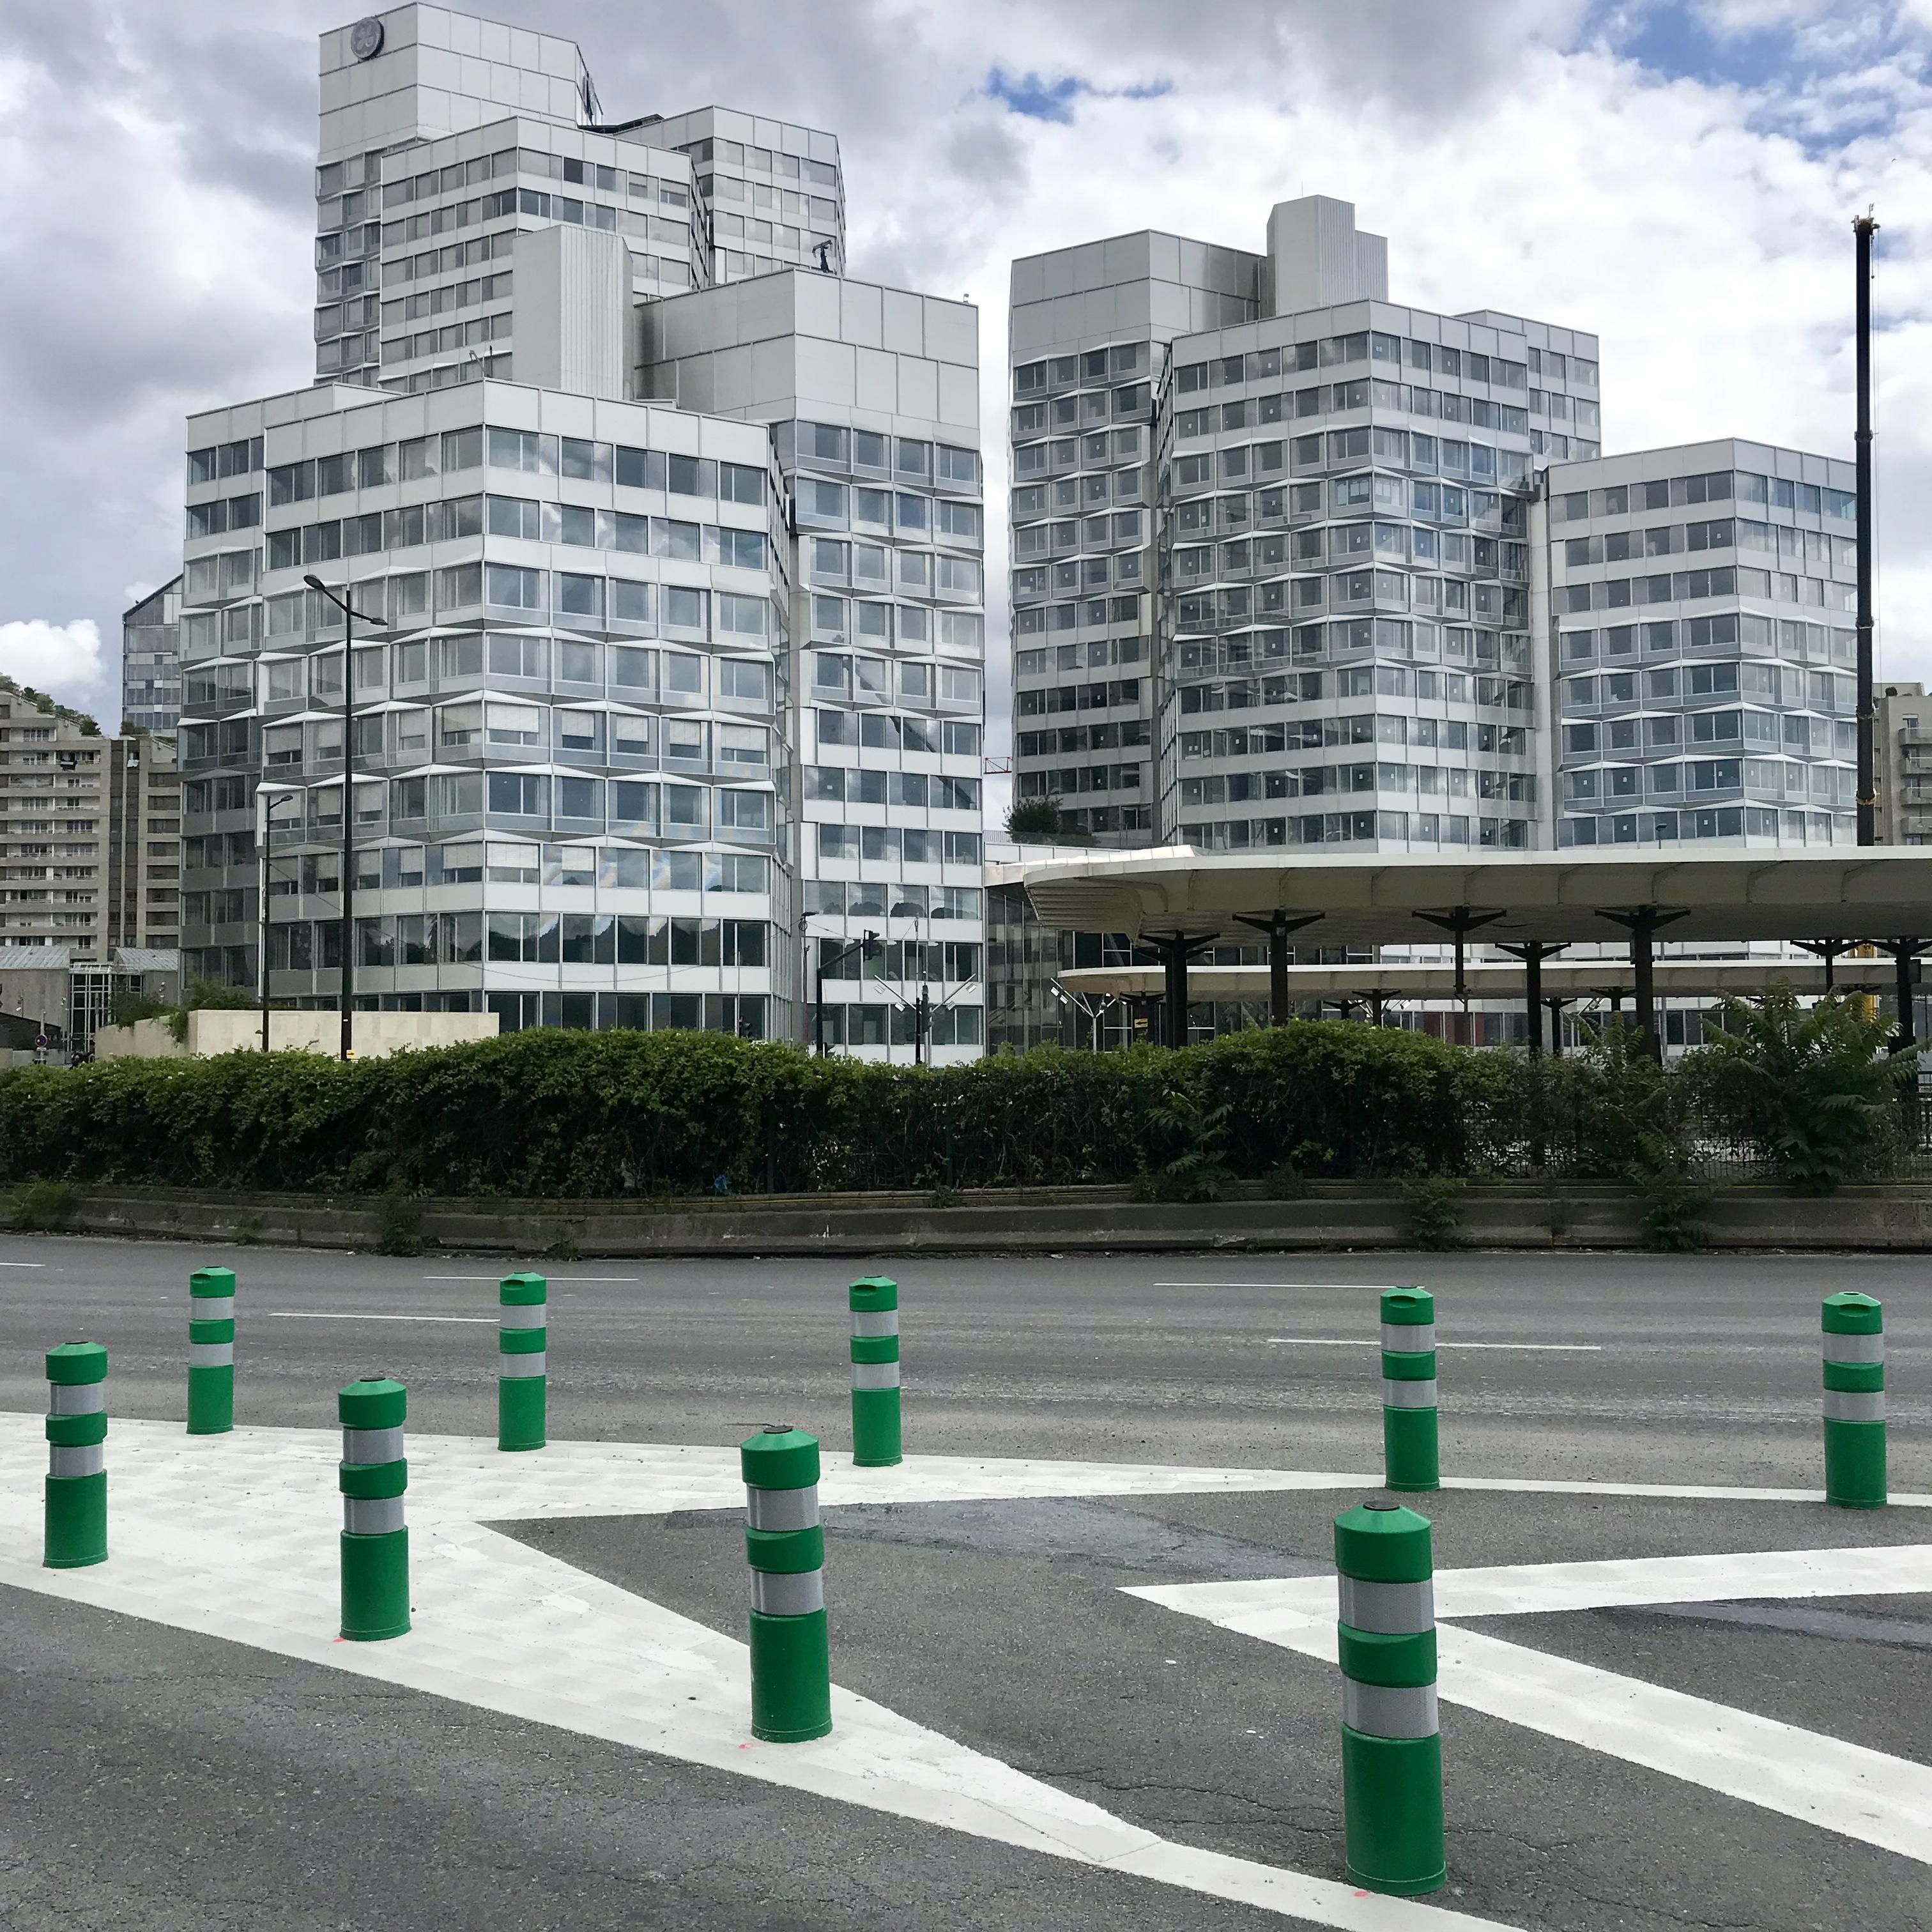 Le quartier du Trapèze AU Pont de Sèvres à Boulogne-Billancourt / © Vianney Delourme pour Enlarge your Paris